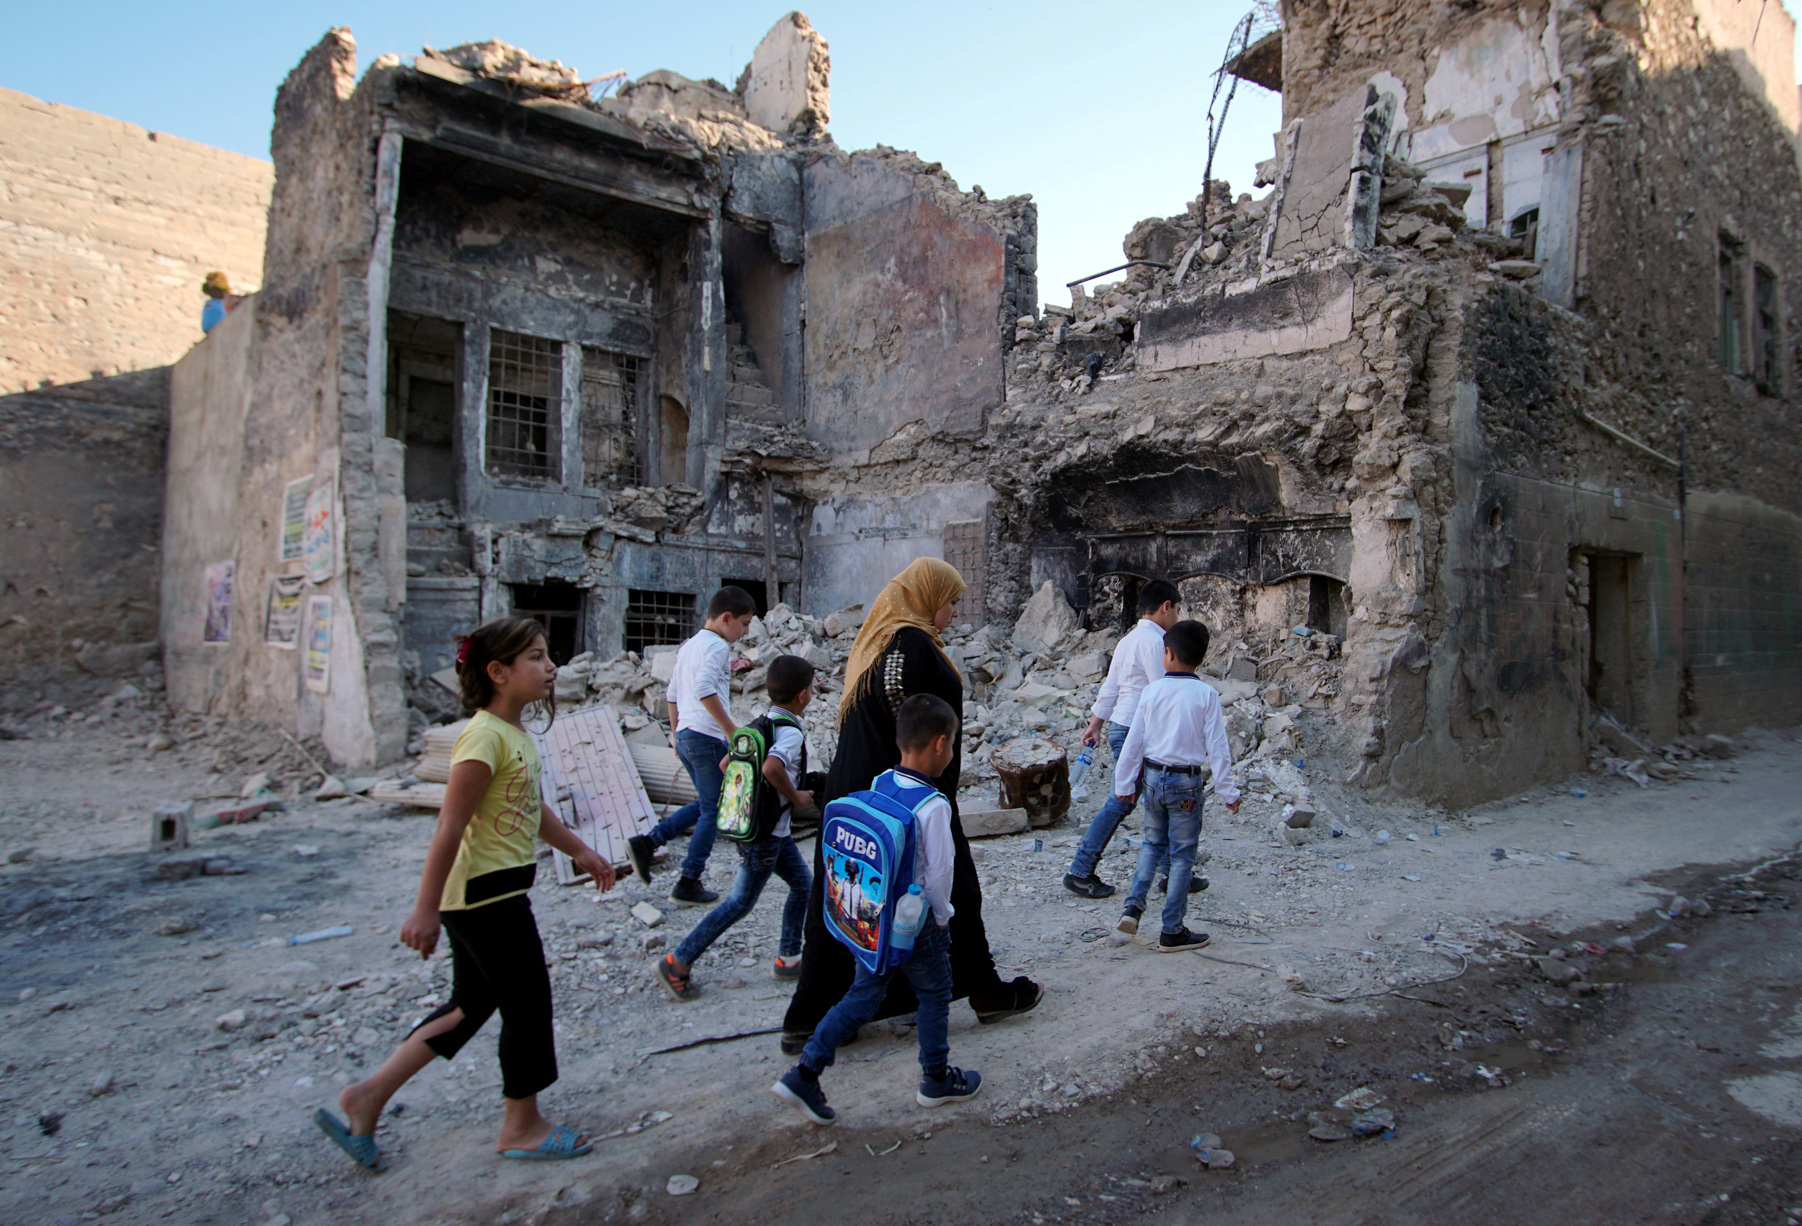 Κανονικότητα αλά Ιράκ: τριγύρω χαλάσματα, αλλά η μάνα συνοδεύει τα παιδιά της και τα γειτονόπουλα στο σχολείο τους, κάπου στη Μοσούλη